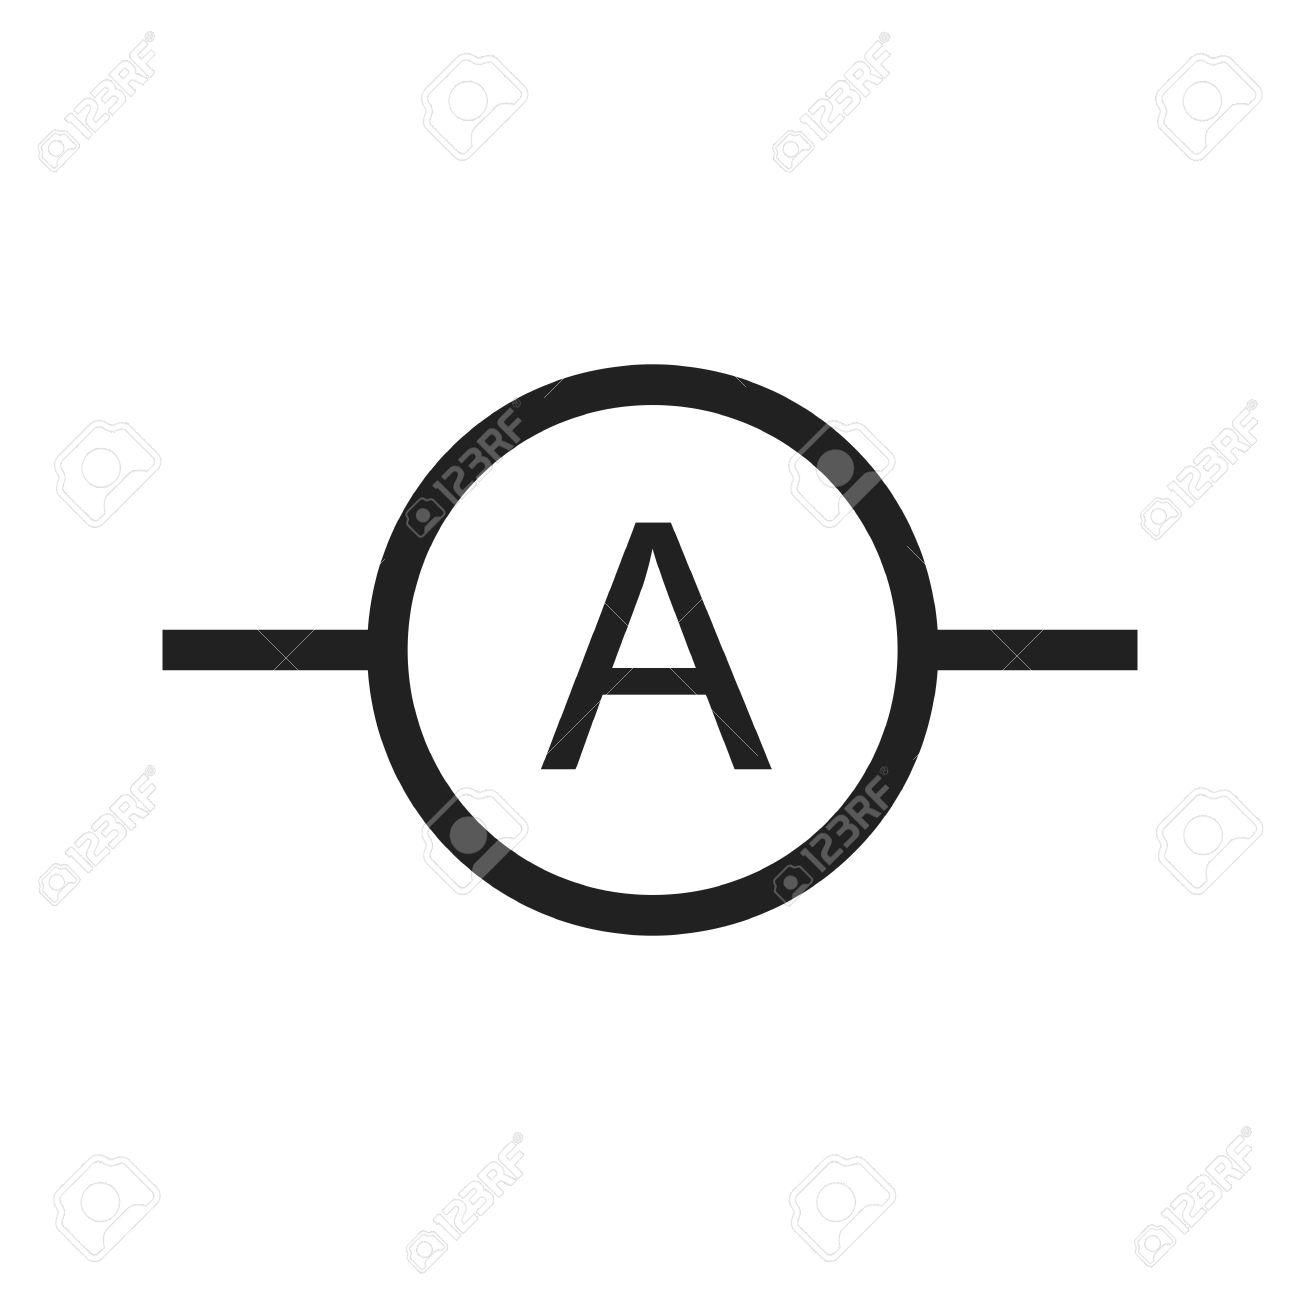 Ammeter, Meter, Elektriker-Symbol Vektor-Bild. Kann Auch Für ...